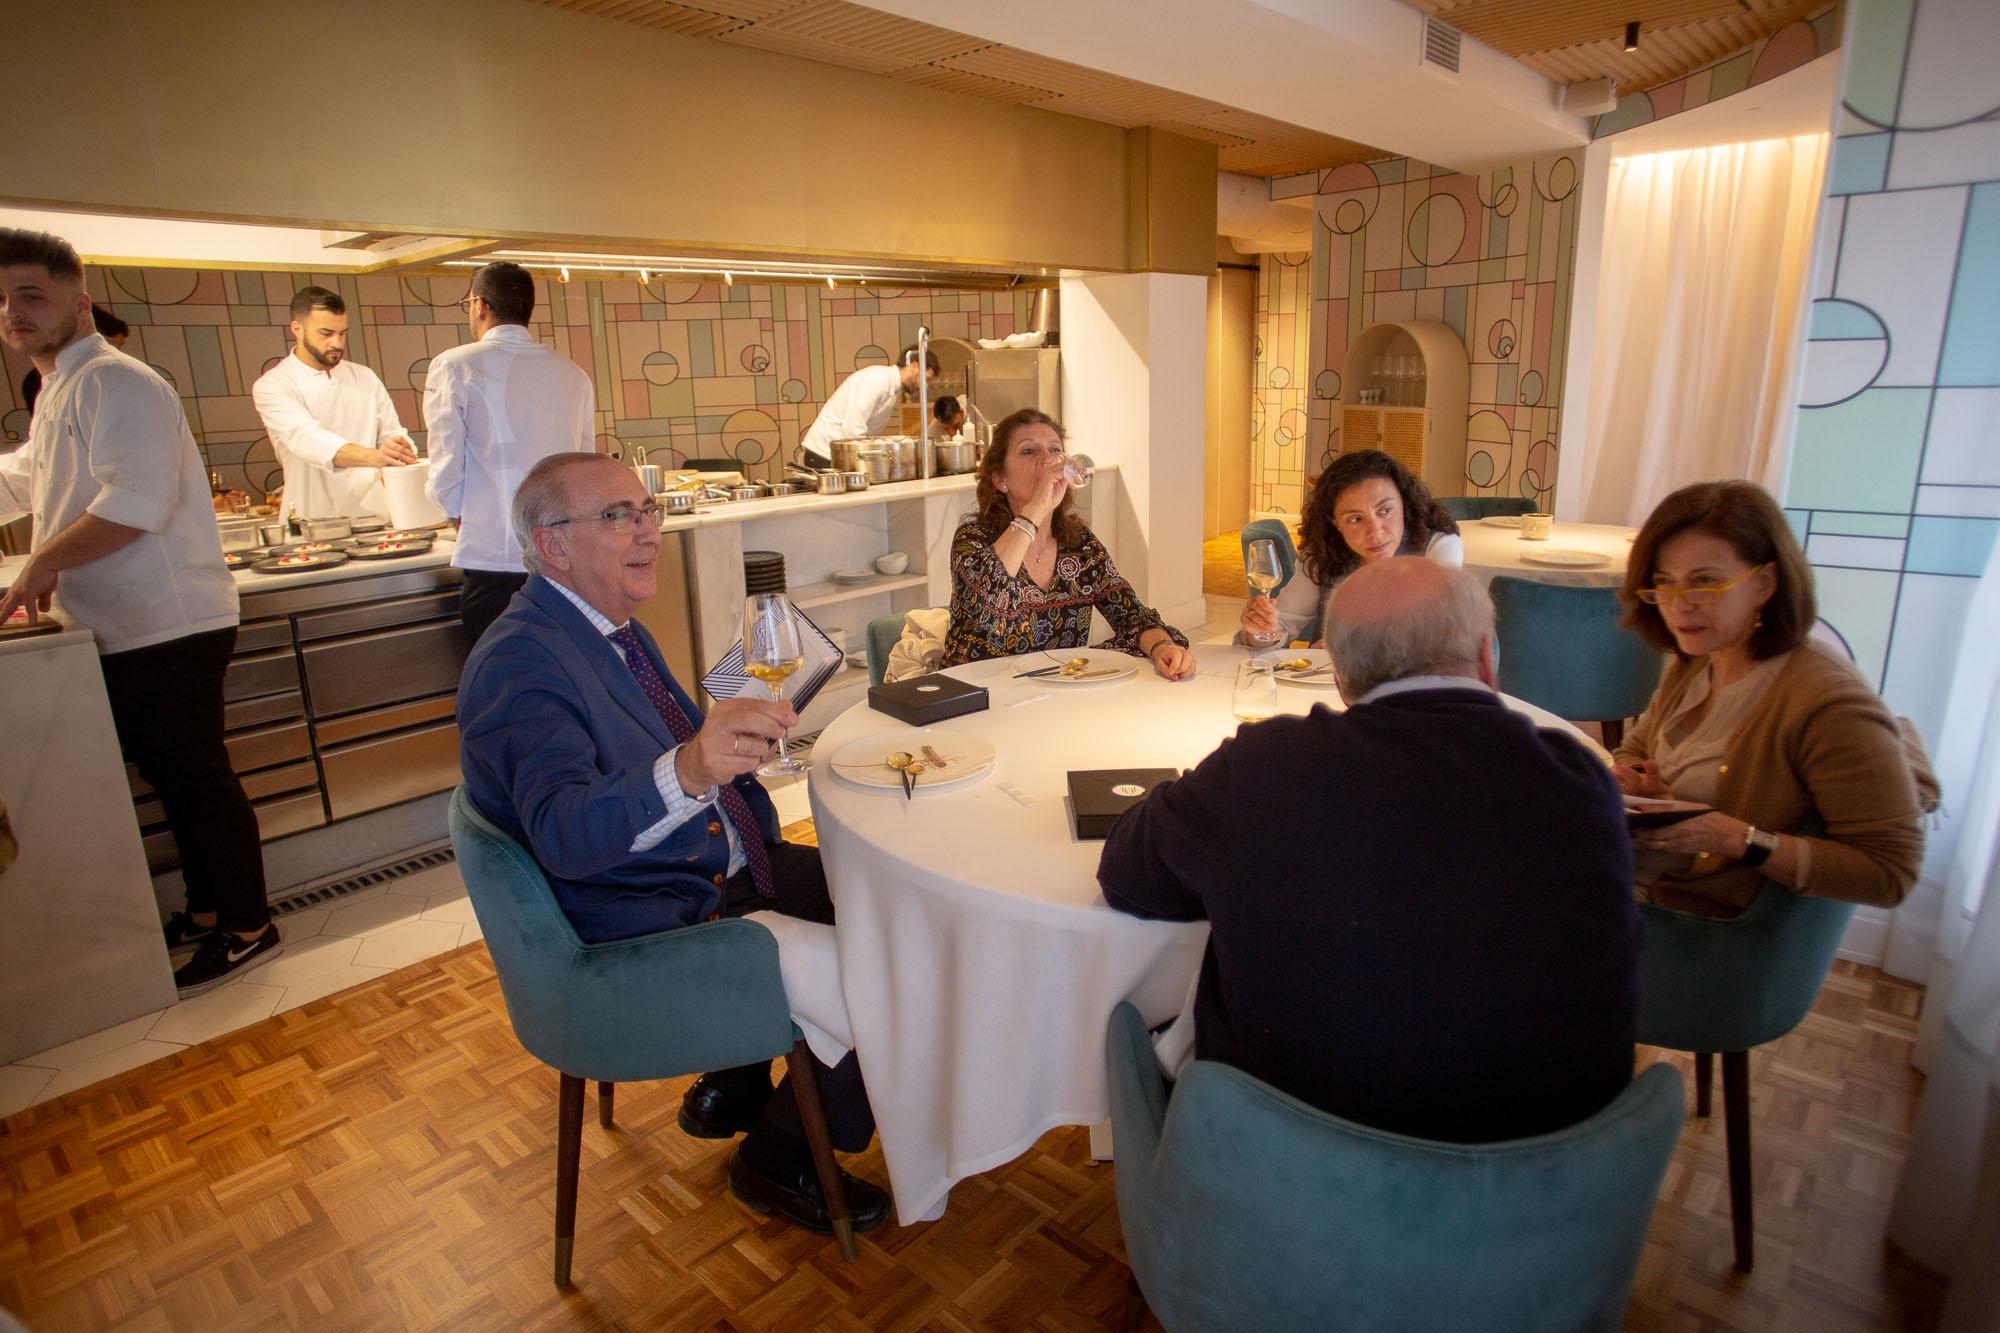 'Lú' tiene capacidad para 20 personas. Entre cocina y sala son 16.